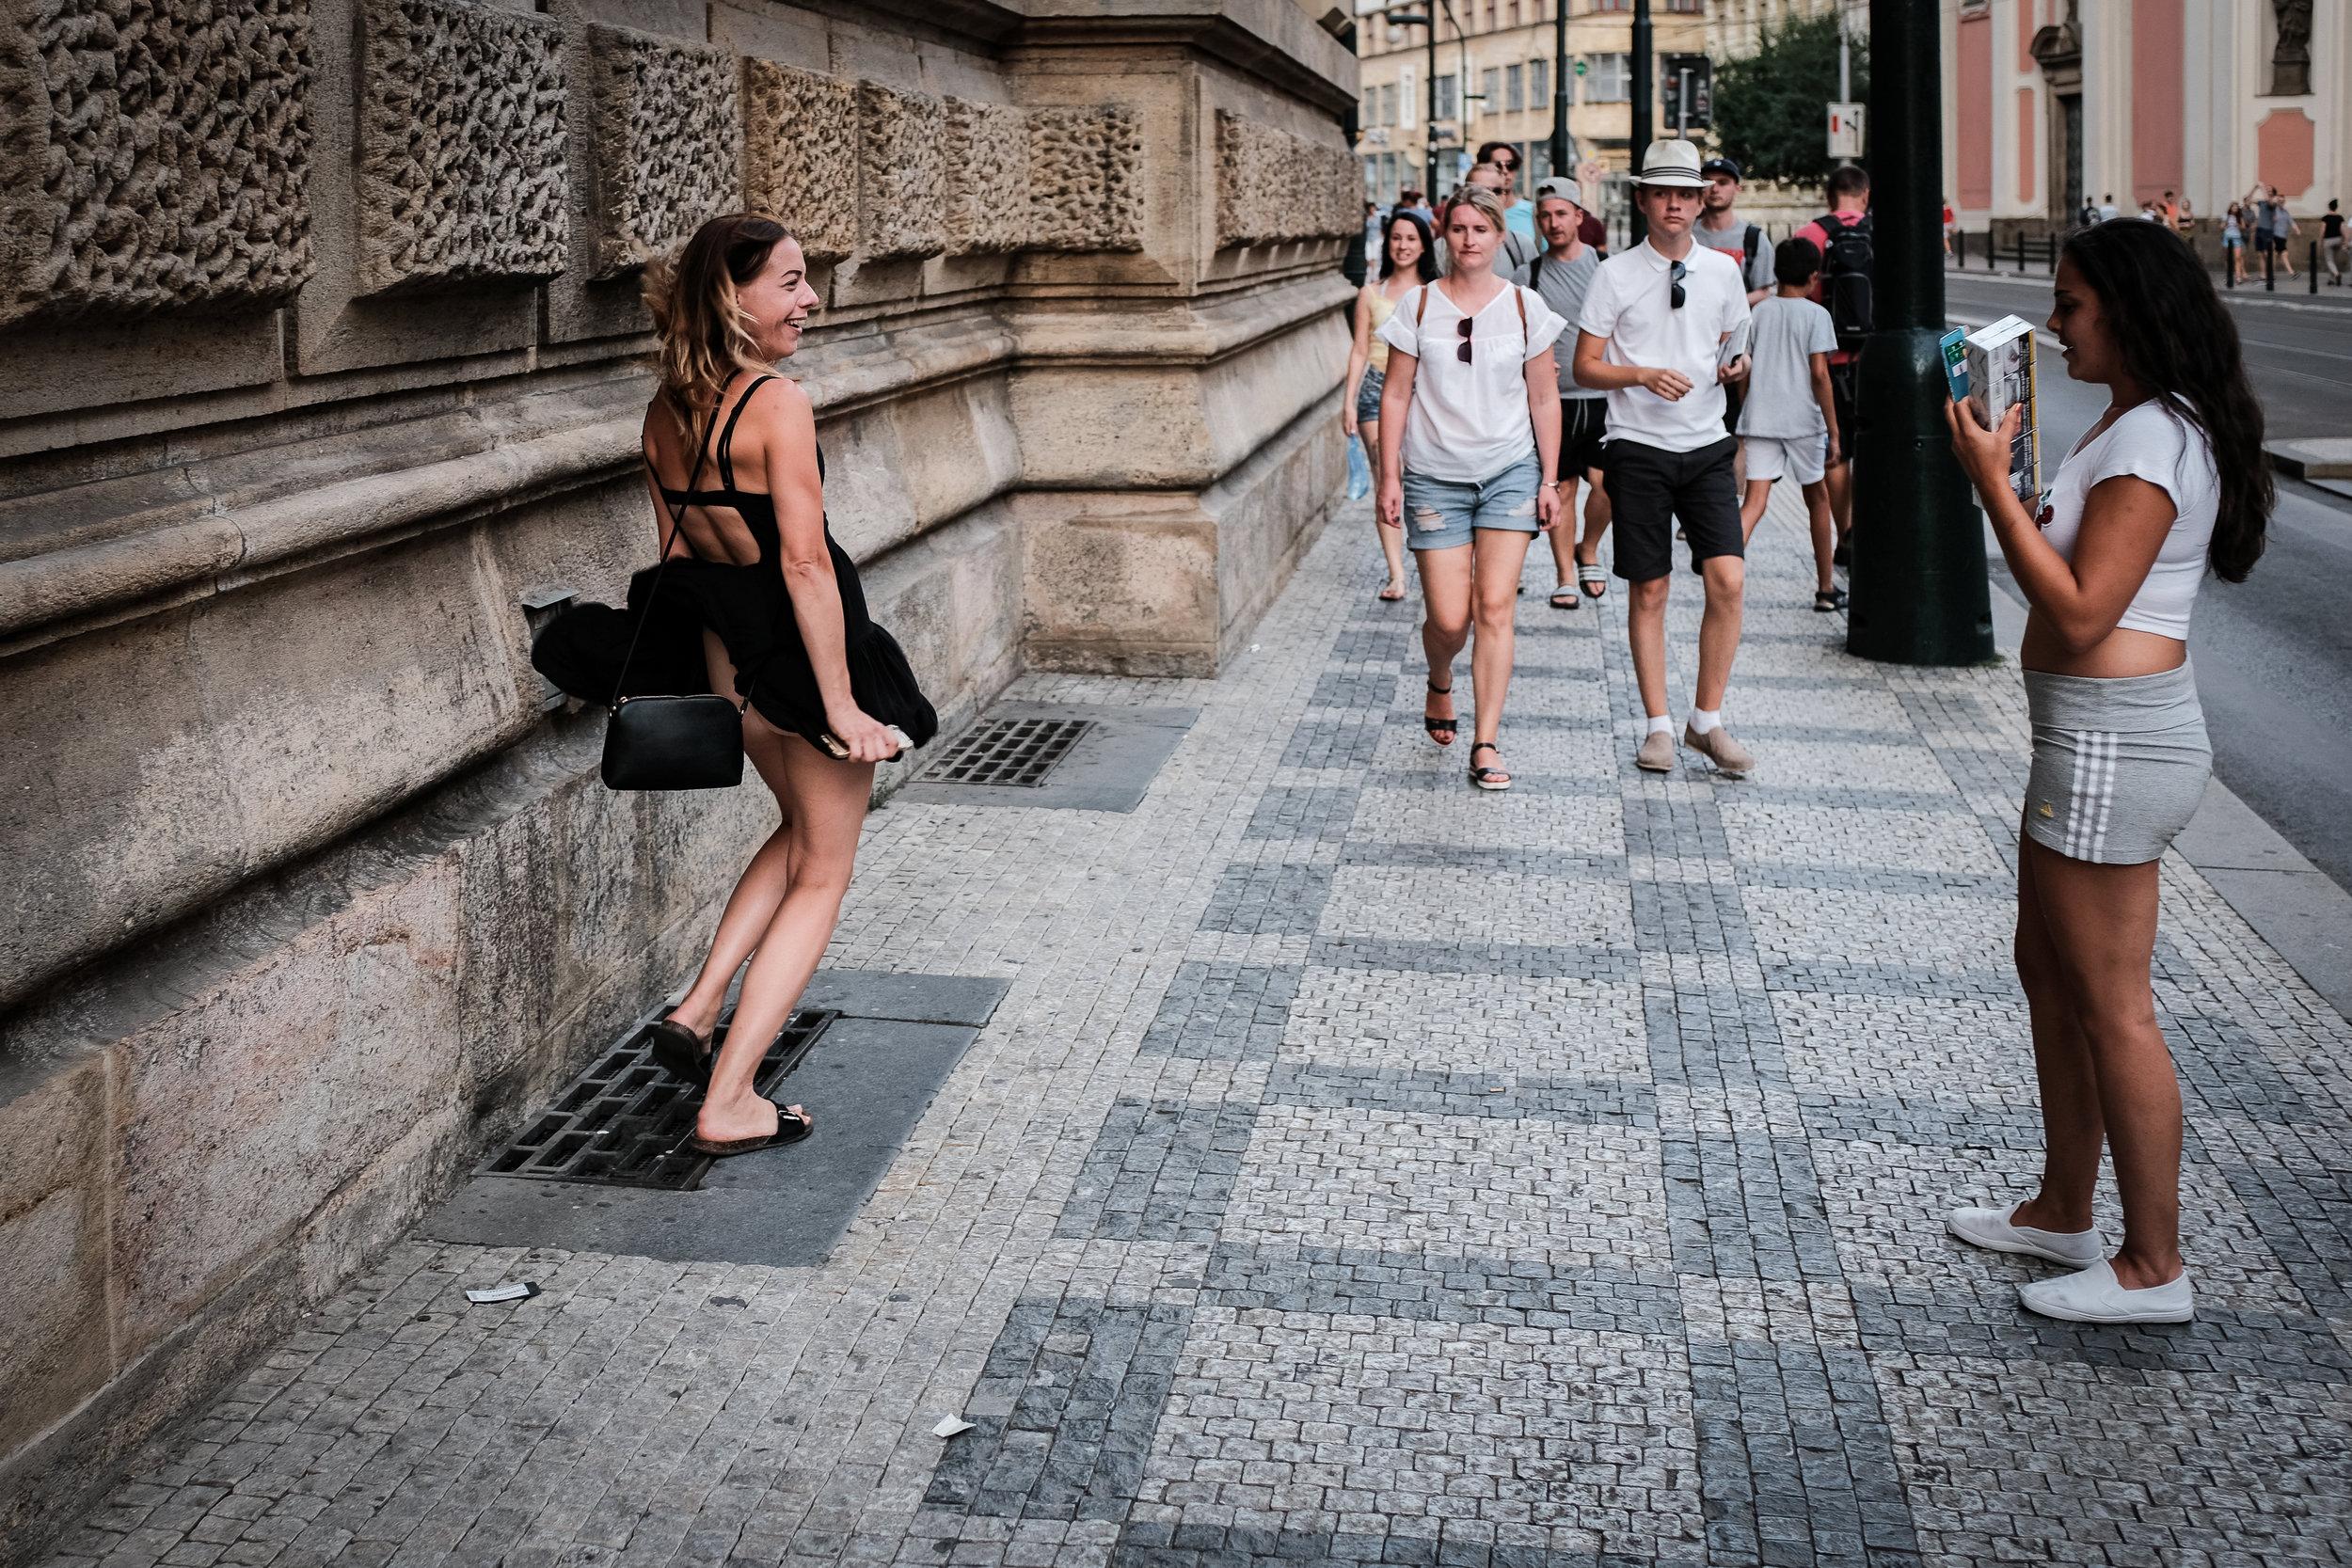 Prauge_Streets-48.jpg